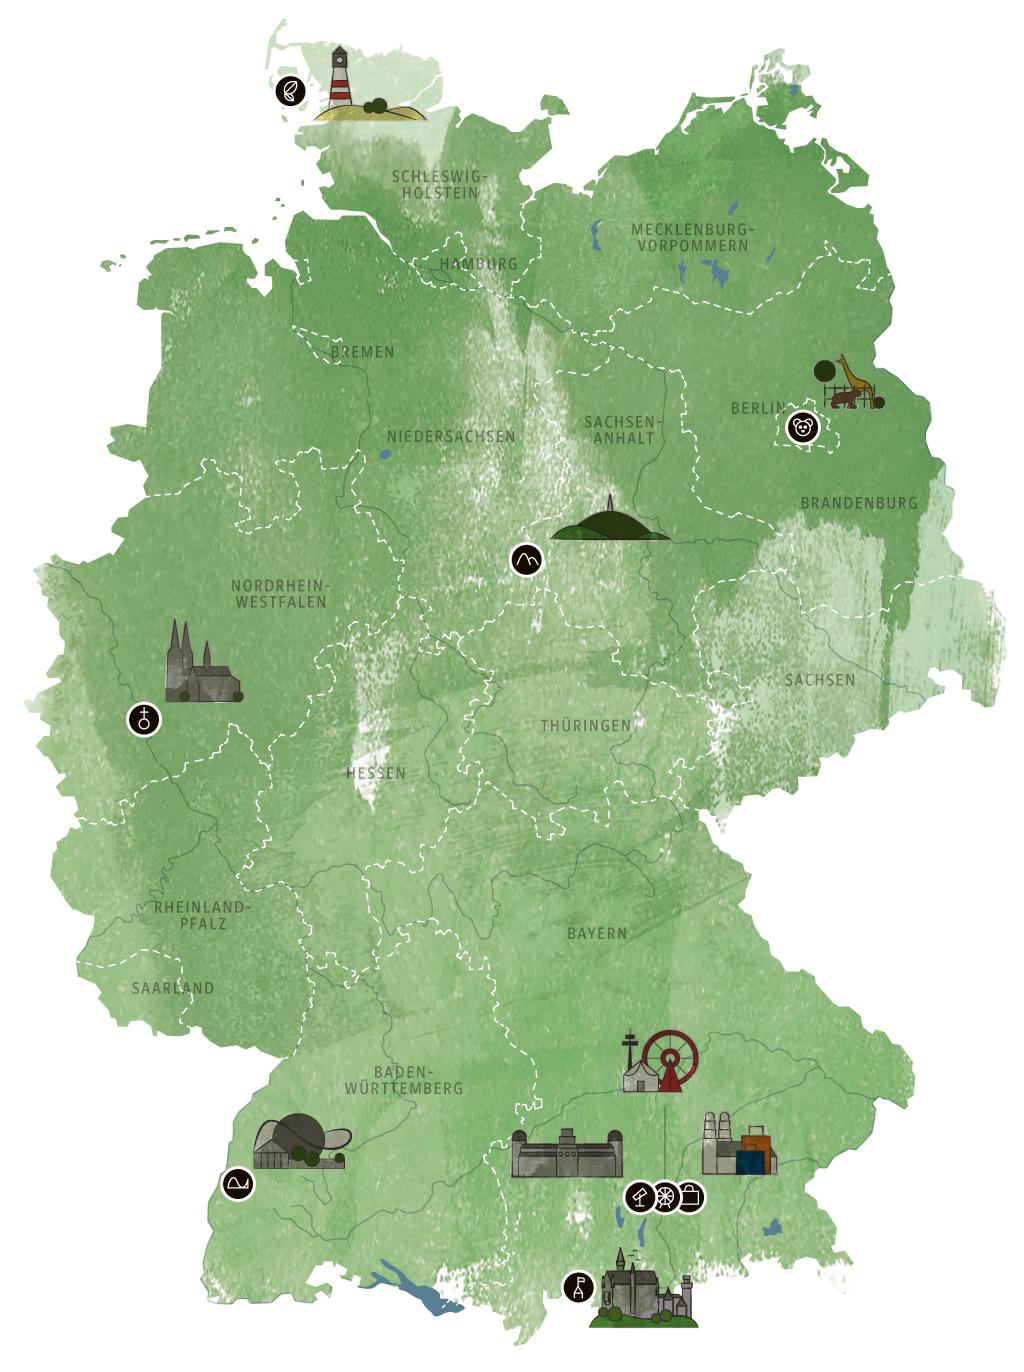 Hamburg Karte Sehenswurdigkeiten.Die Beliebtesten Sehenswurdigkeiten In Deutschland Reise